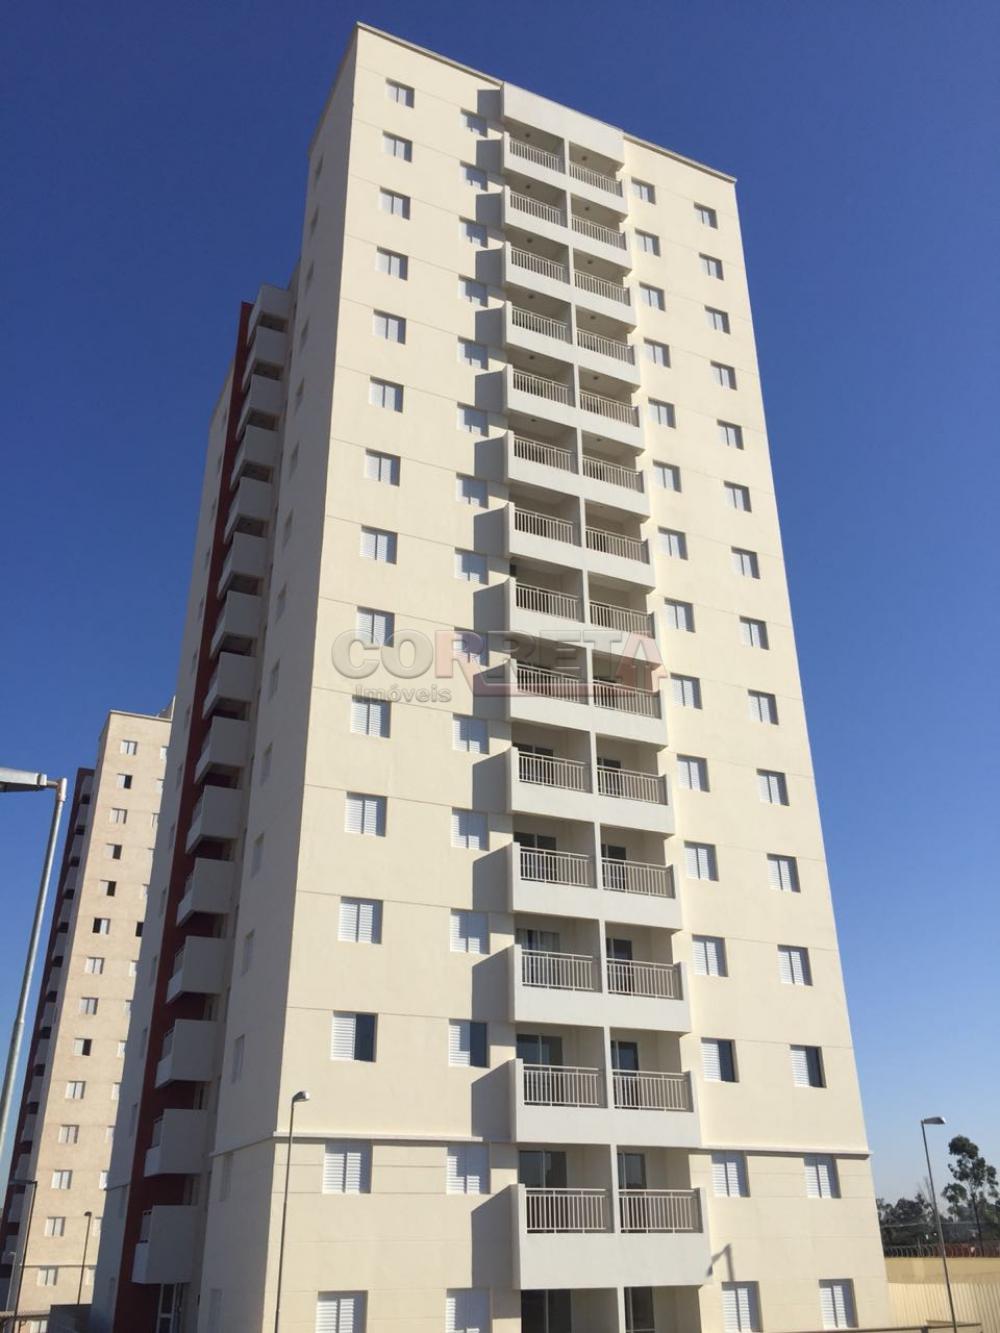 Comprar Apartamento / Padrão em Araçatuba apenas R$ 170.000,00 - Foto 8